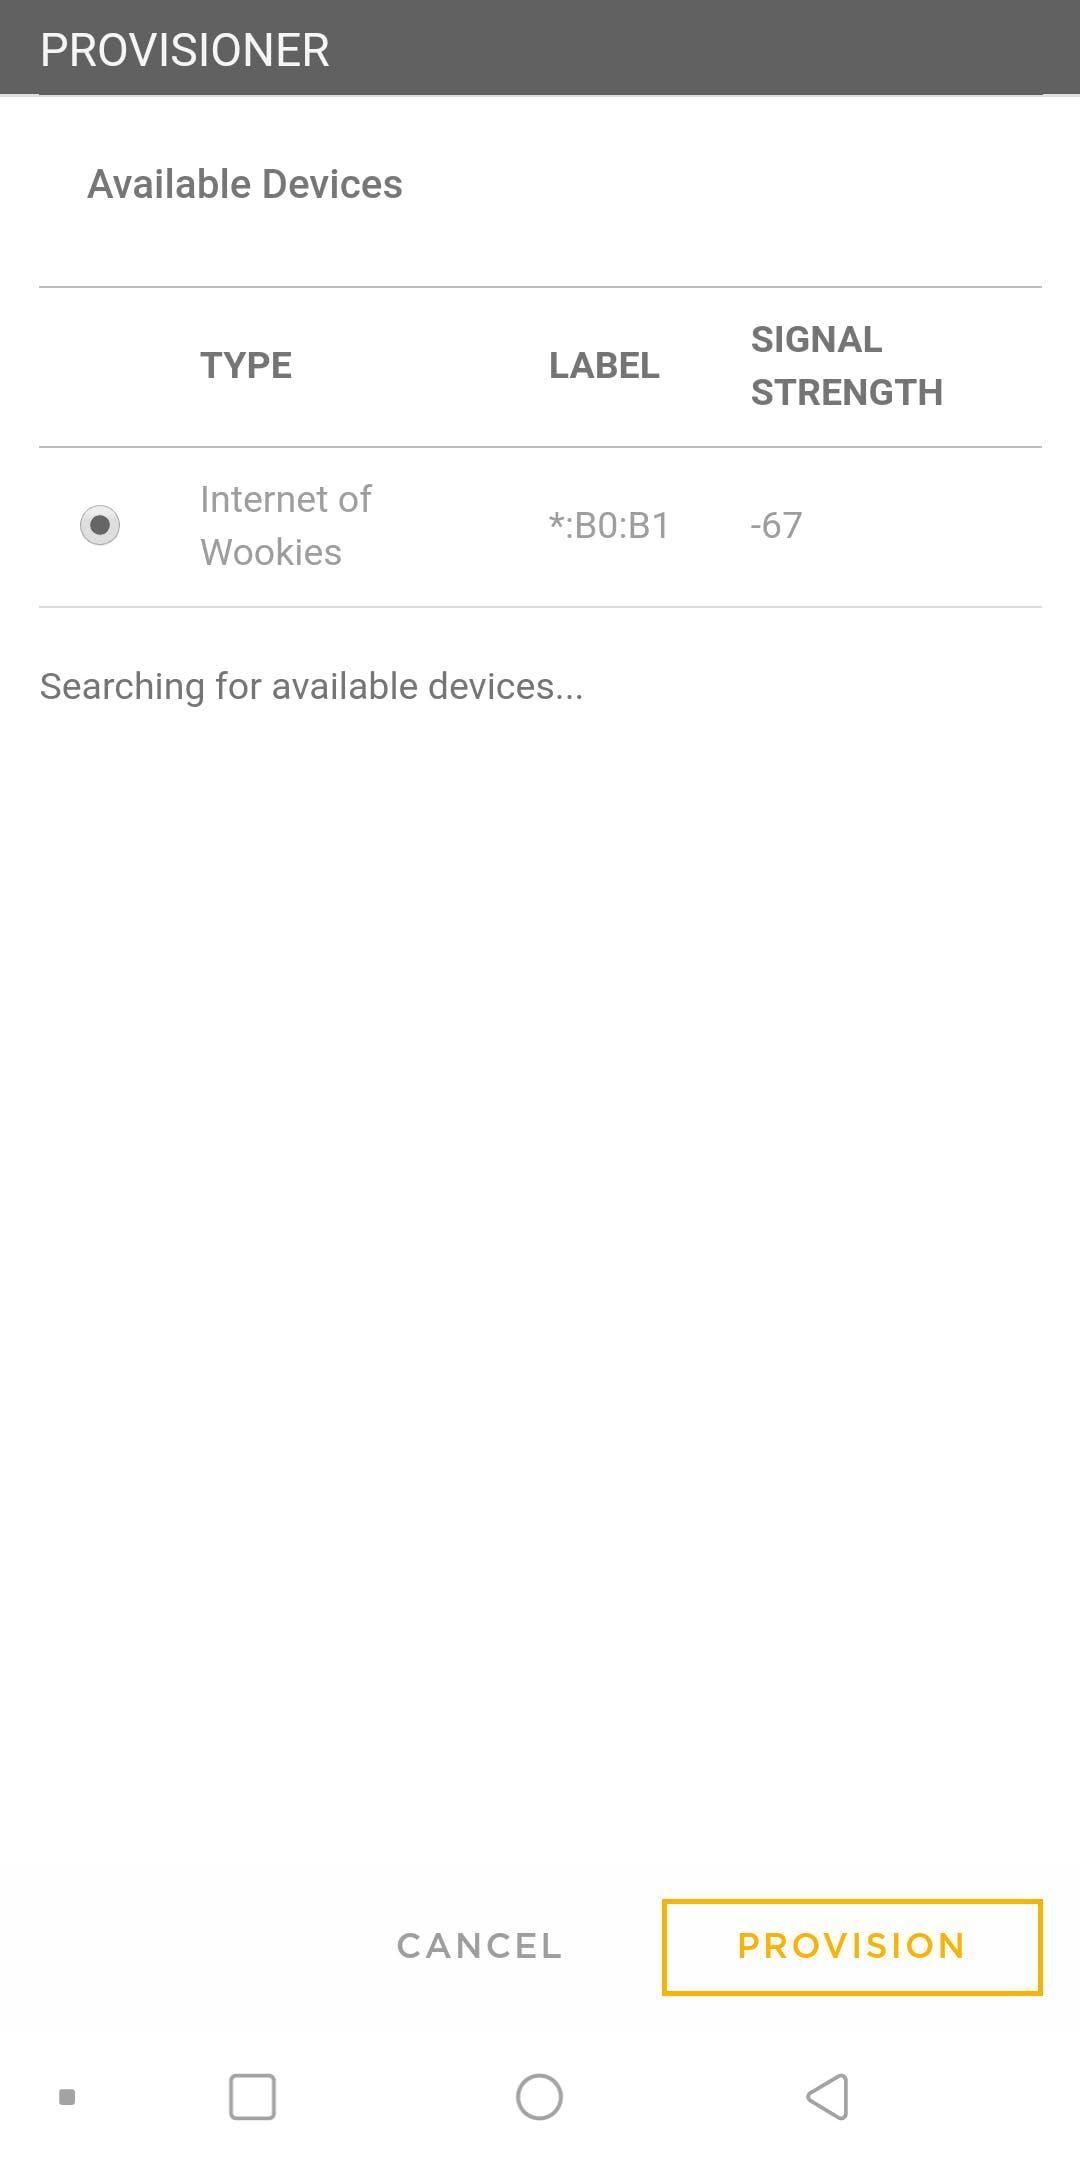 provisioning in app